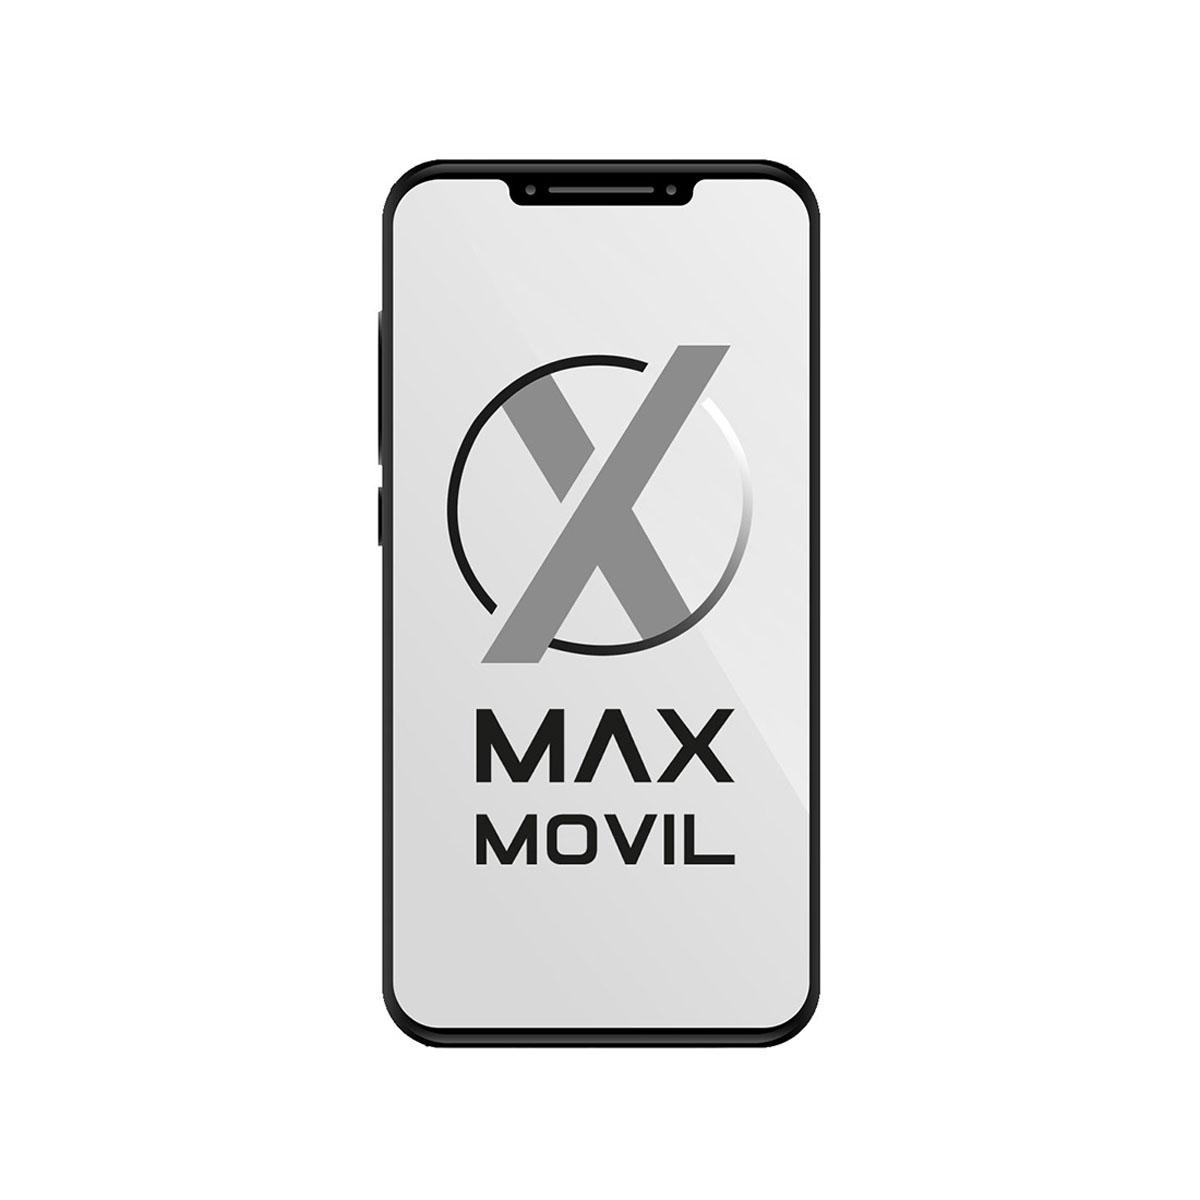 Motorola Moto G 5G 6GB/128GB Gris (Volcanic Gray) Dual SIM XT2113-3